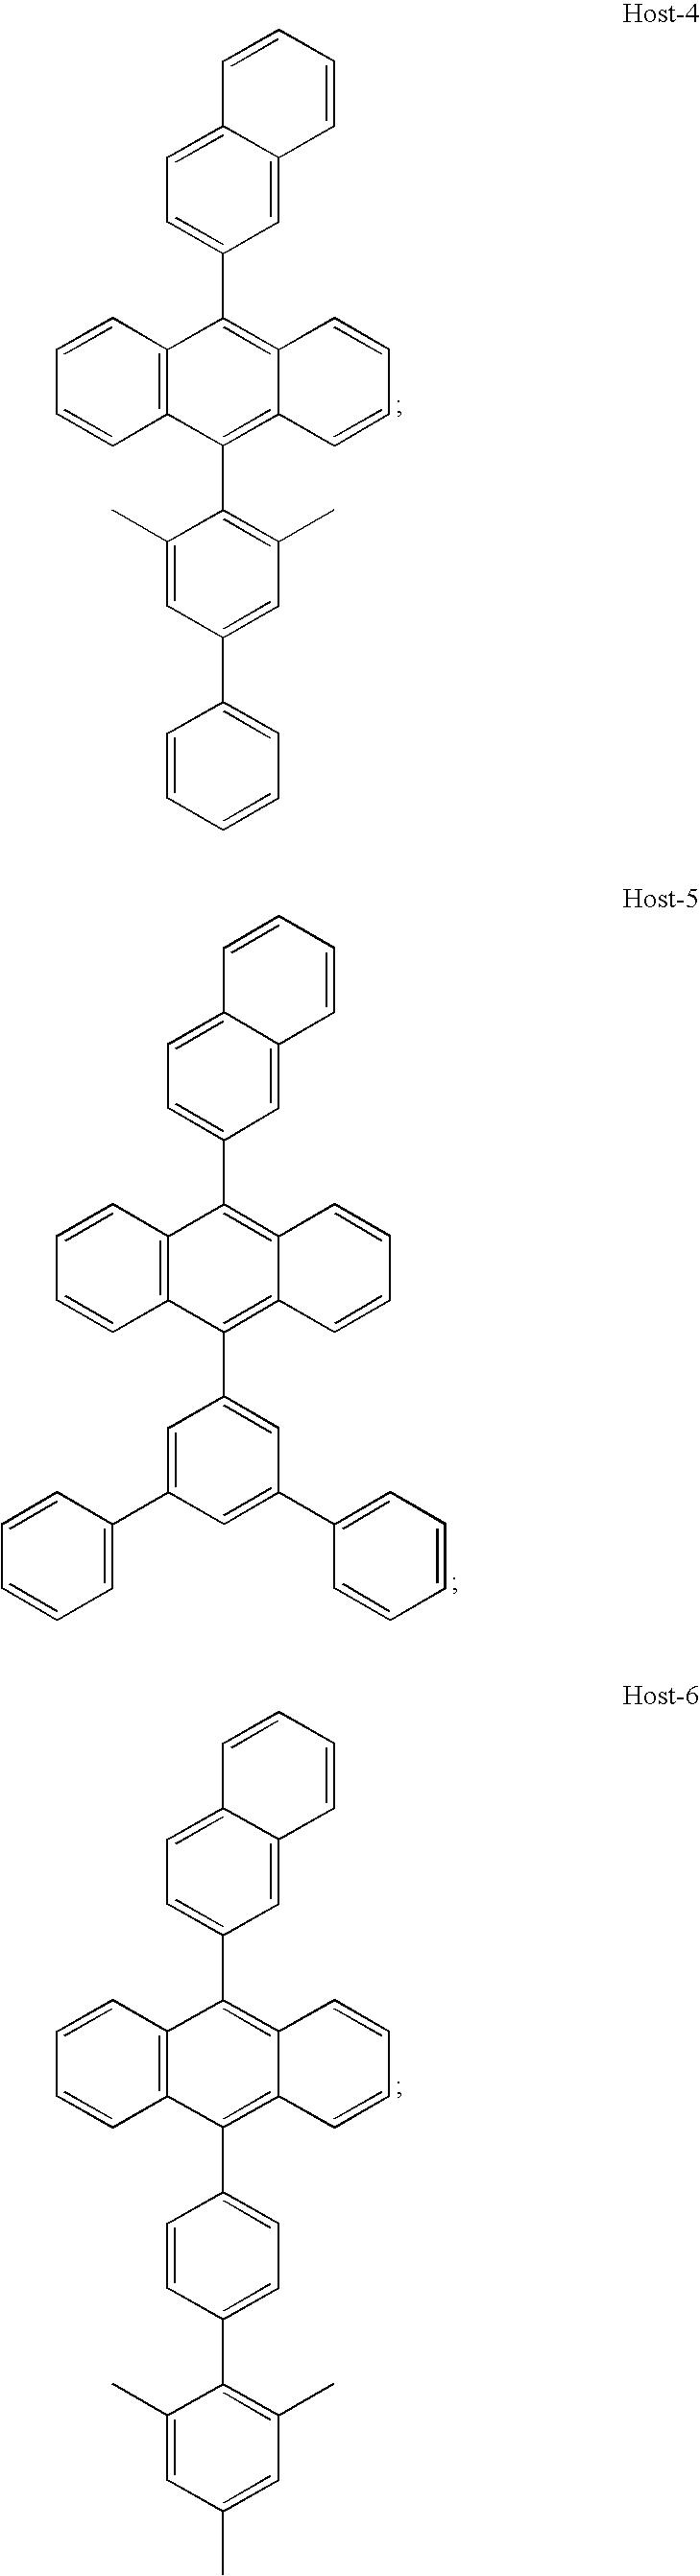 Figure US20060105198A1-20060518-C00005